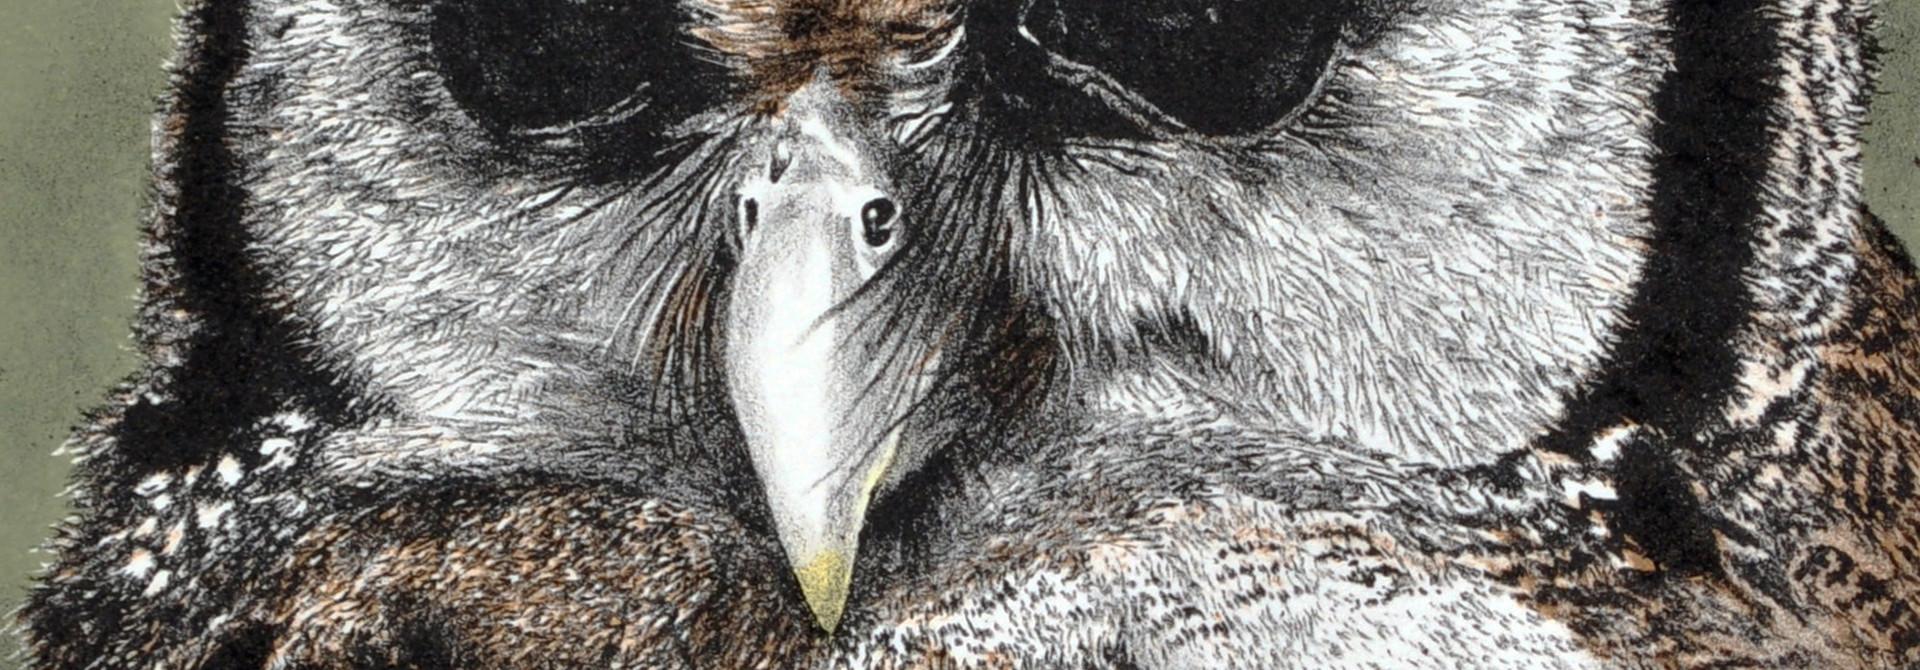 Eagle Owl (framed)